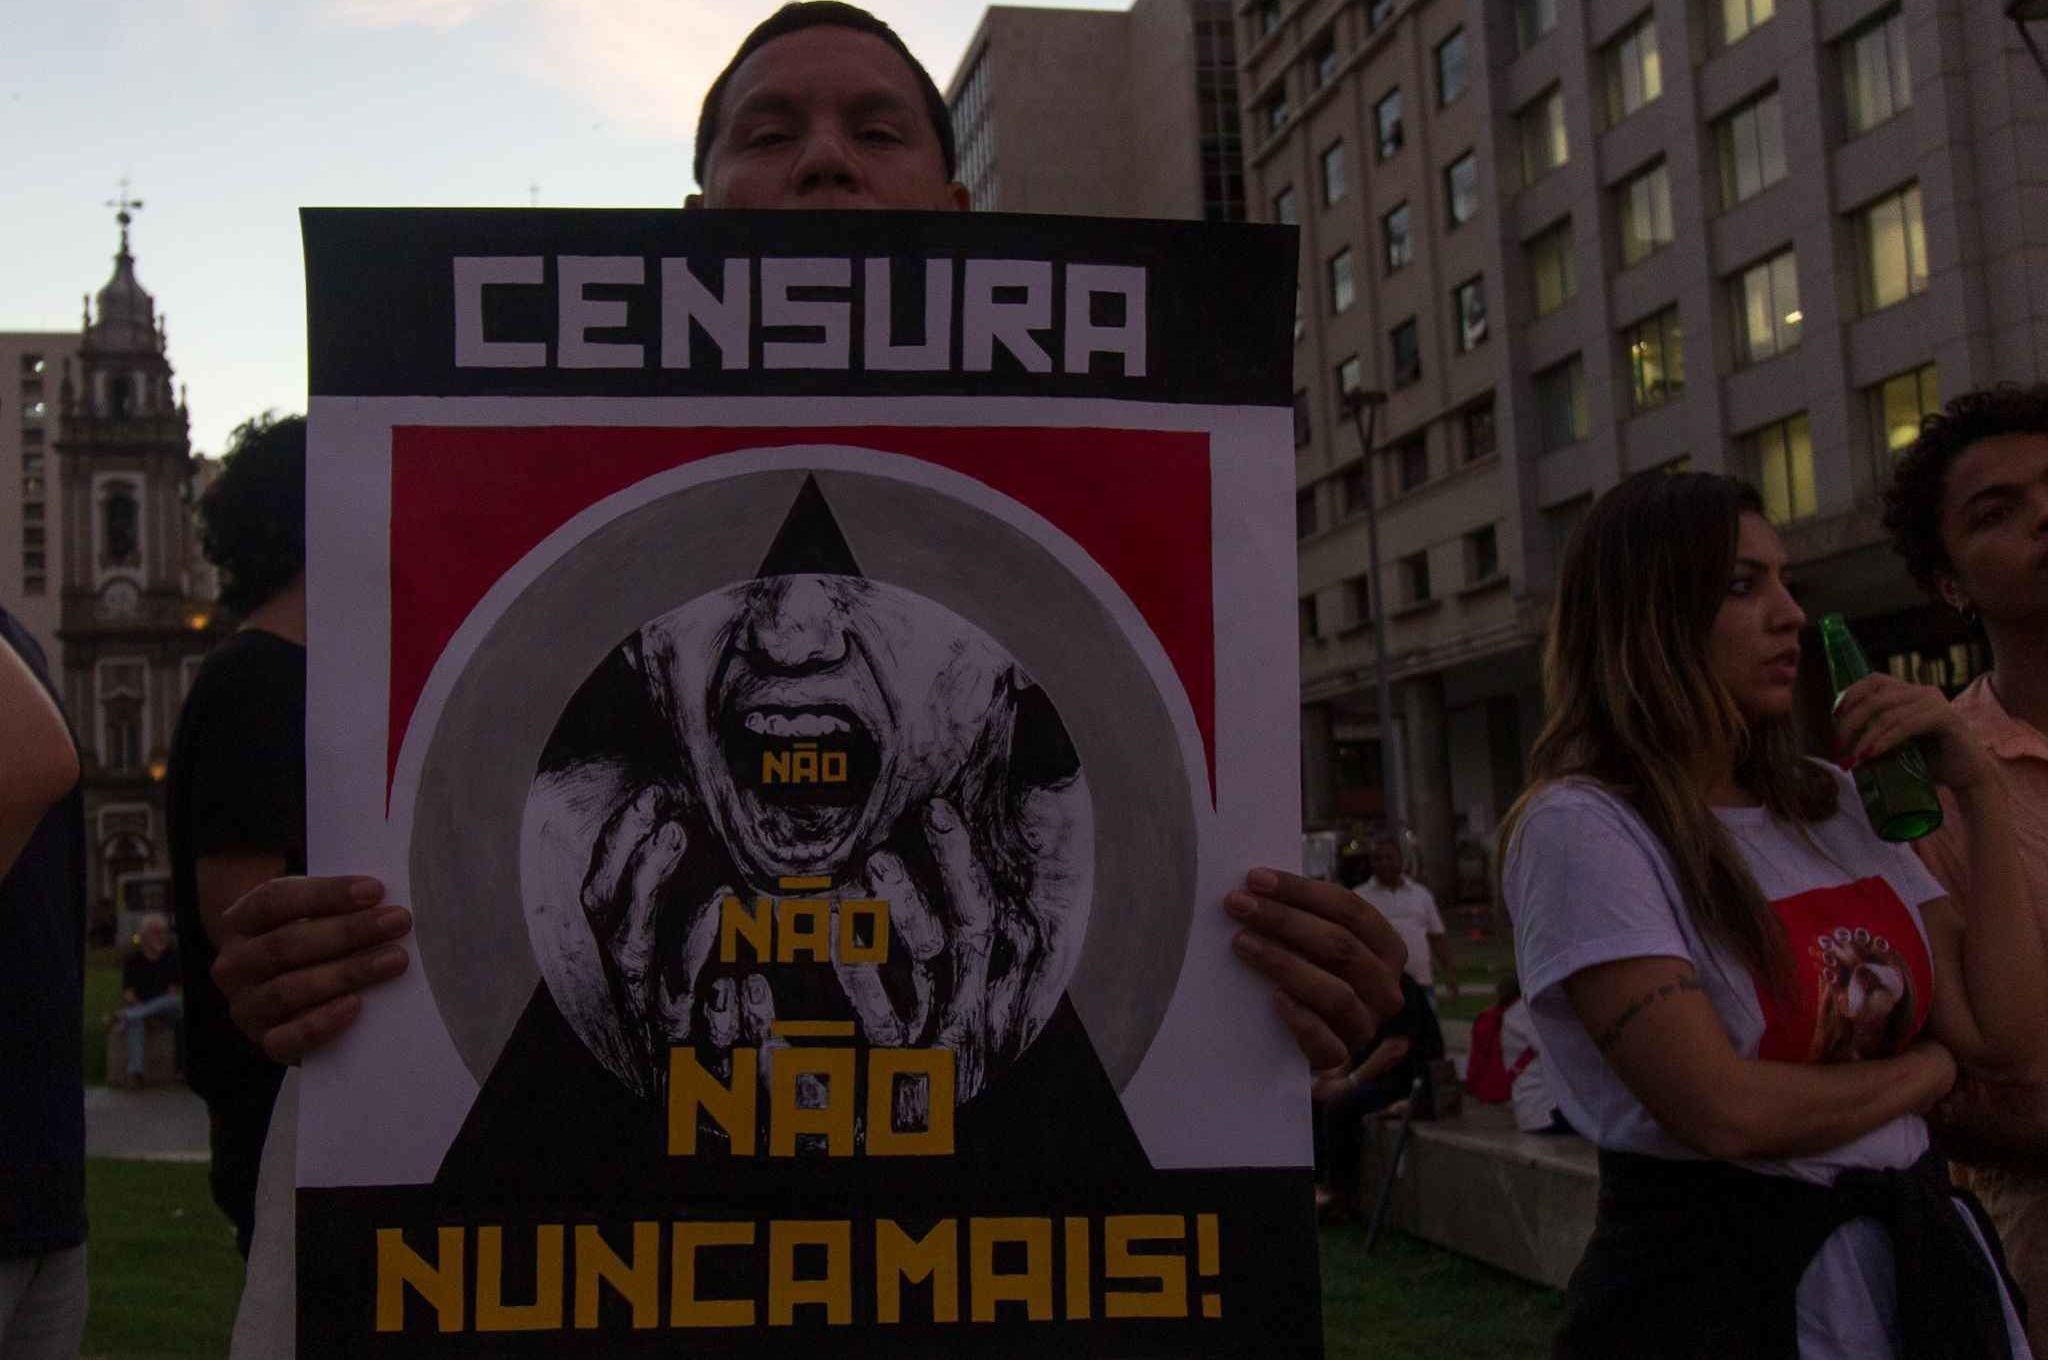 Ato Censura nunca mais, em frente ao CCBB, no Rio de Janeiro, reuniu artistas e outras pessoas para protestas contra vetos a espetáculos e eventos